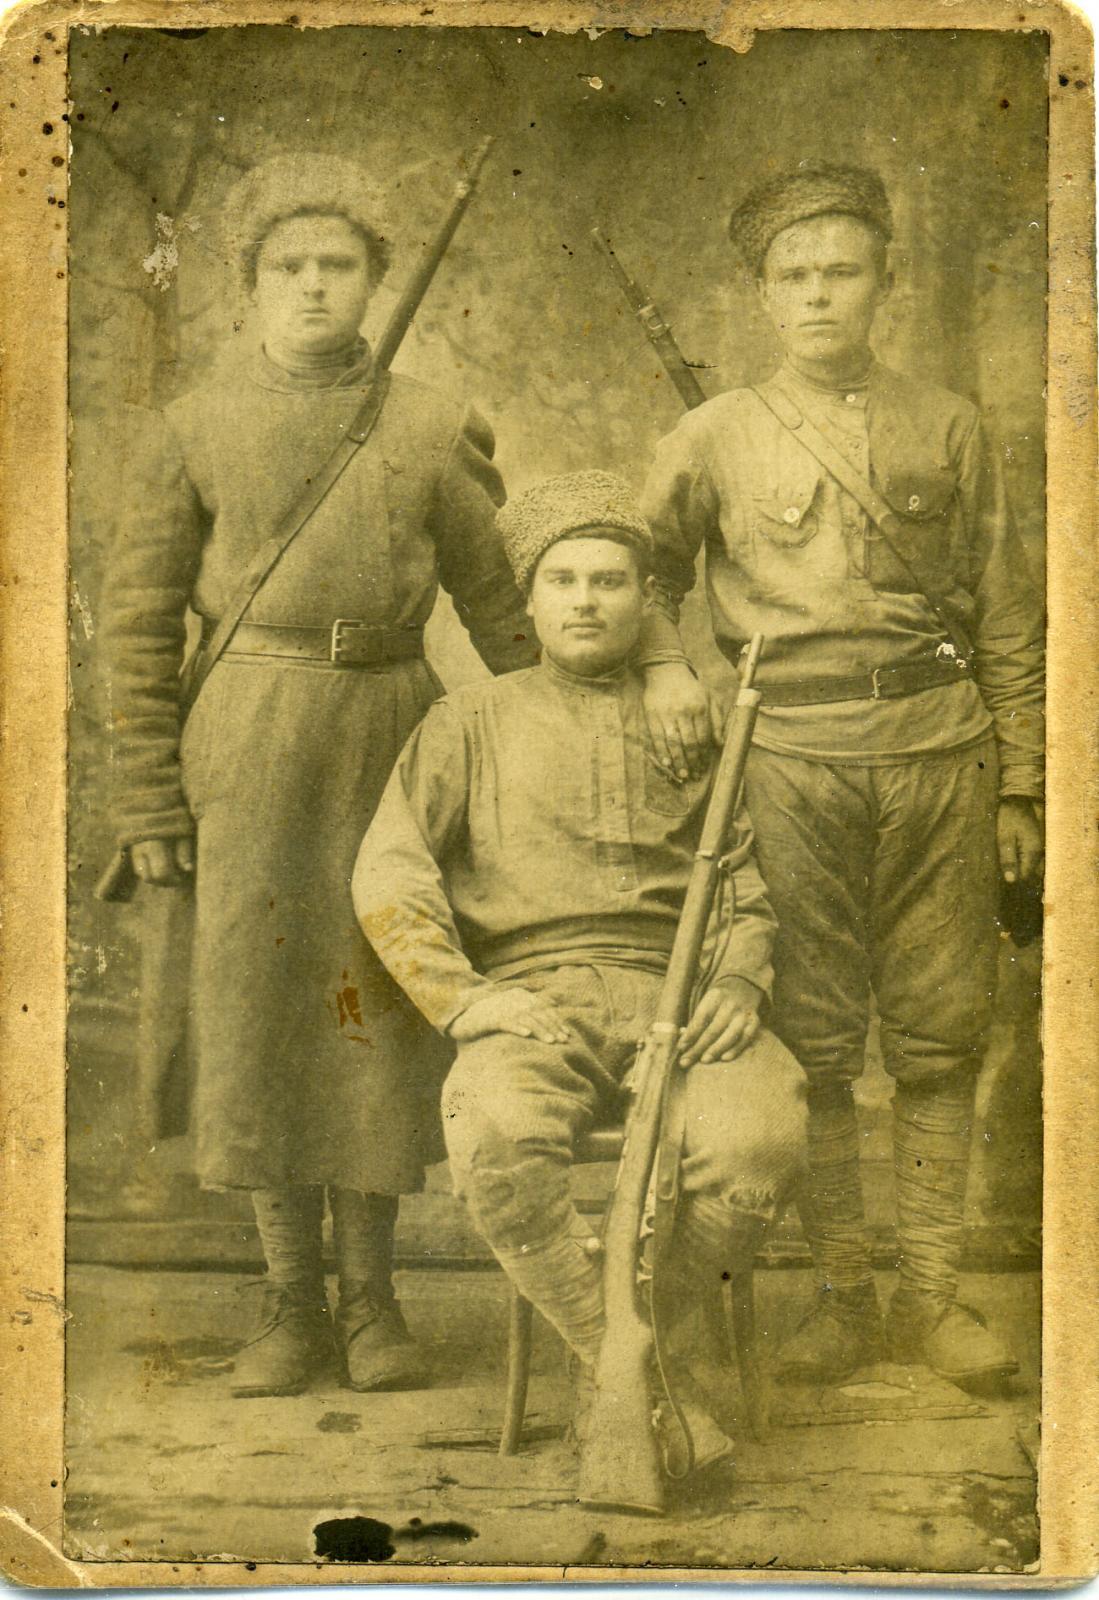 Бубнов С. И. (в середине) в годы Гражданской войны.